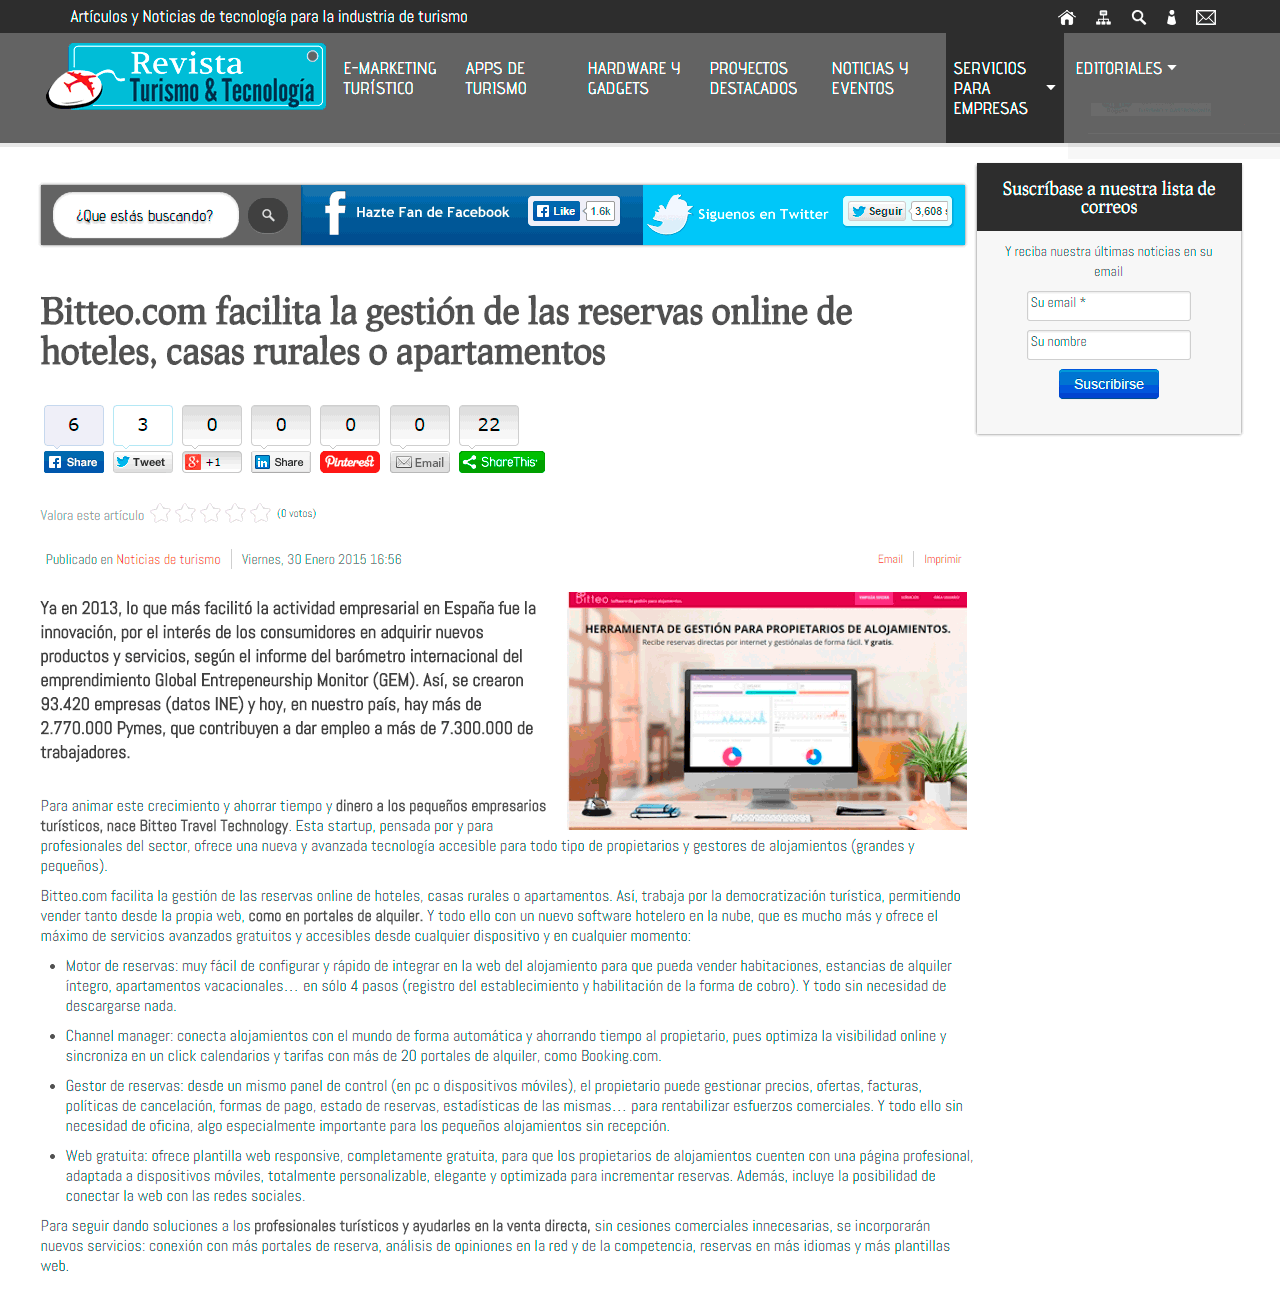 Aparición en Revista Turismo & Tecnología